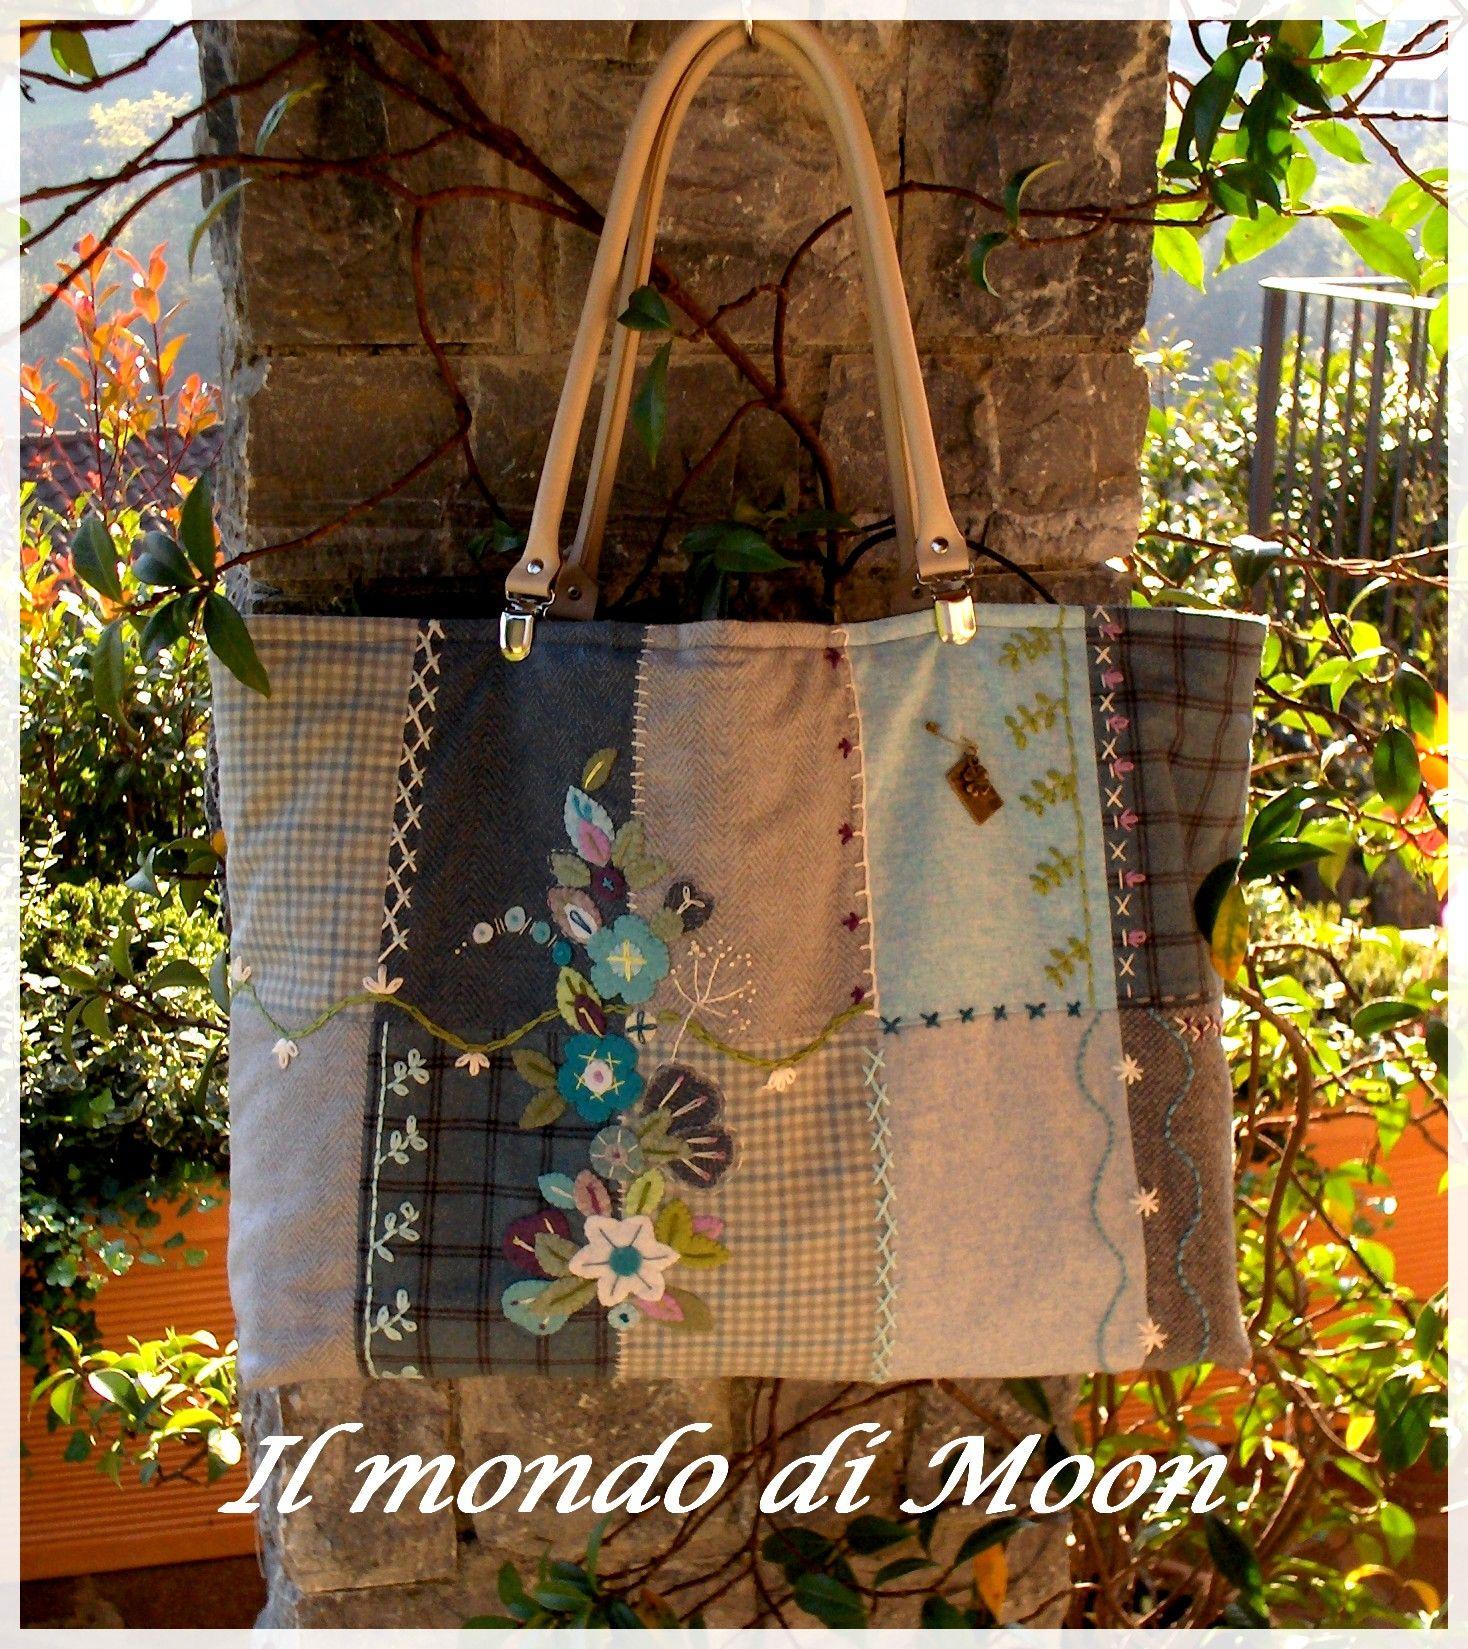 Crazy patchwork bag